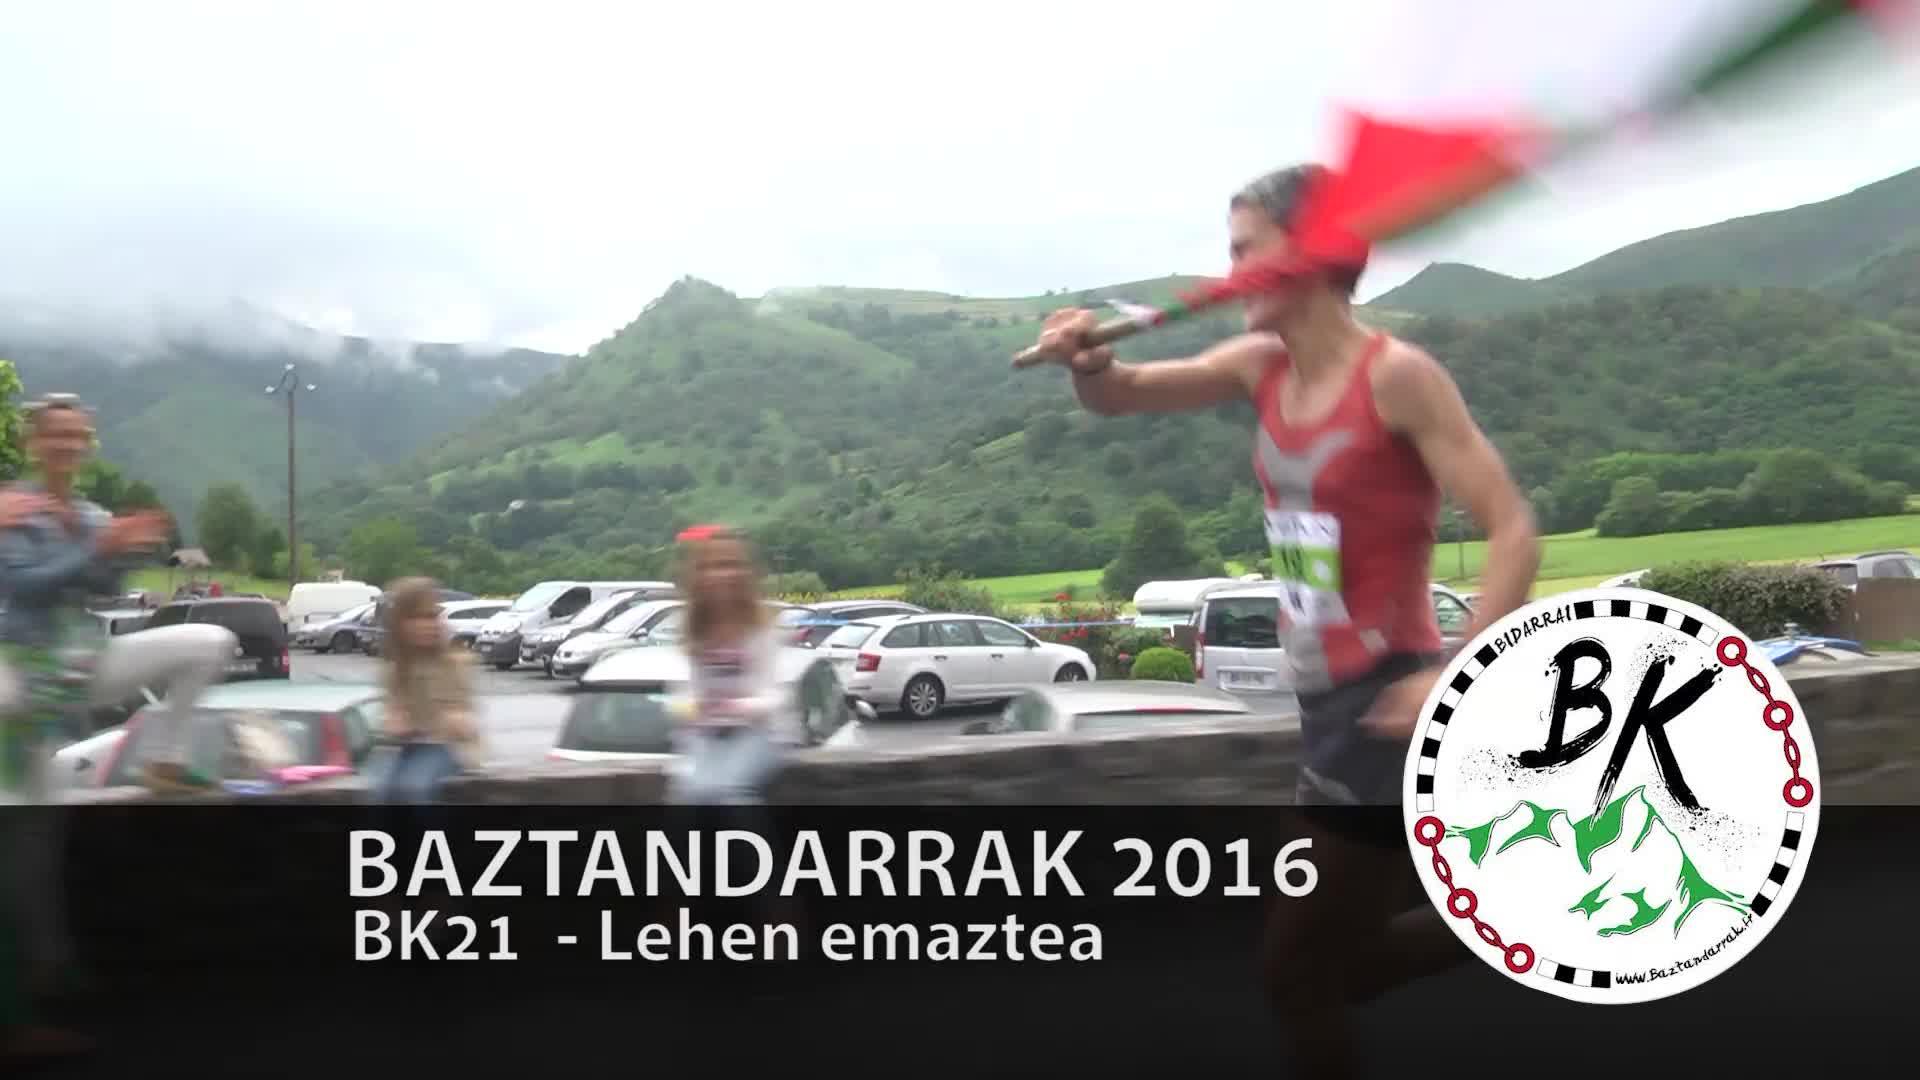 BAZTANDARRAK 2016 BK21 Lehen emaztea